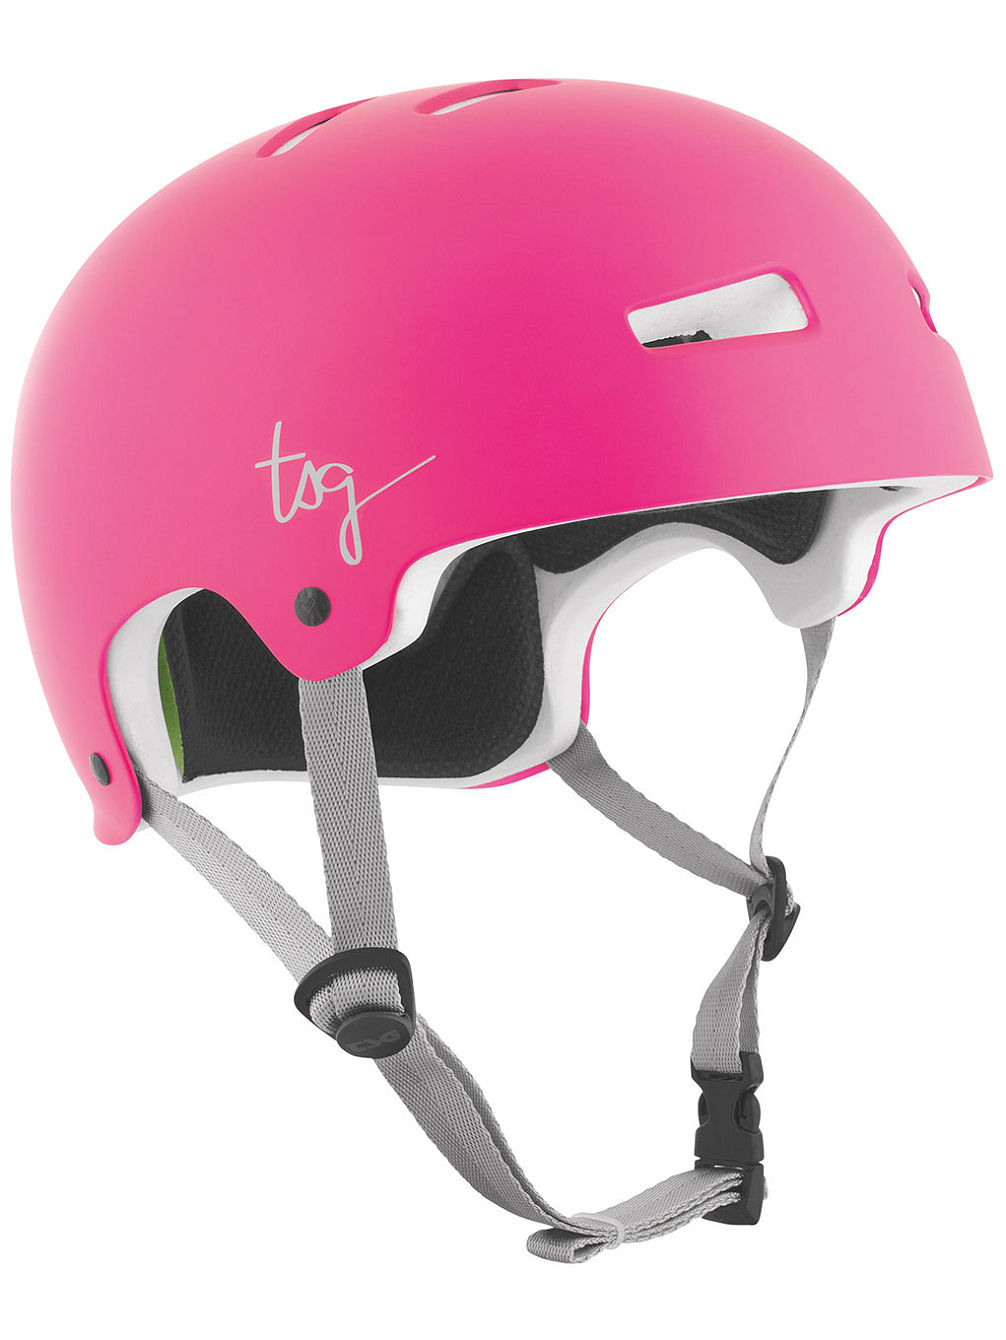 tsg-evolution-wmn-solid-color-helmet